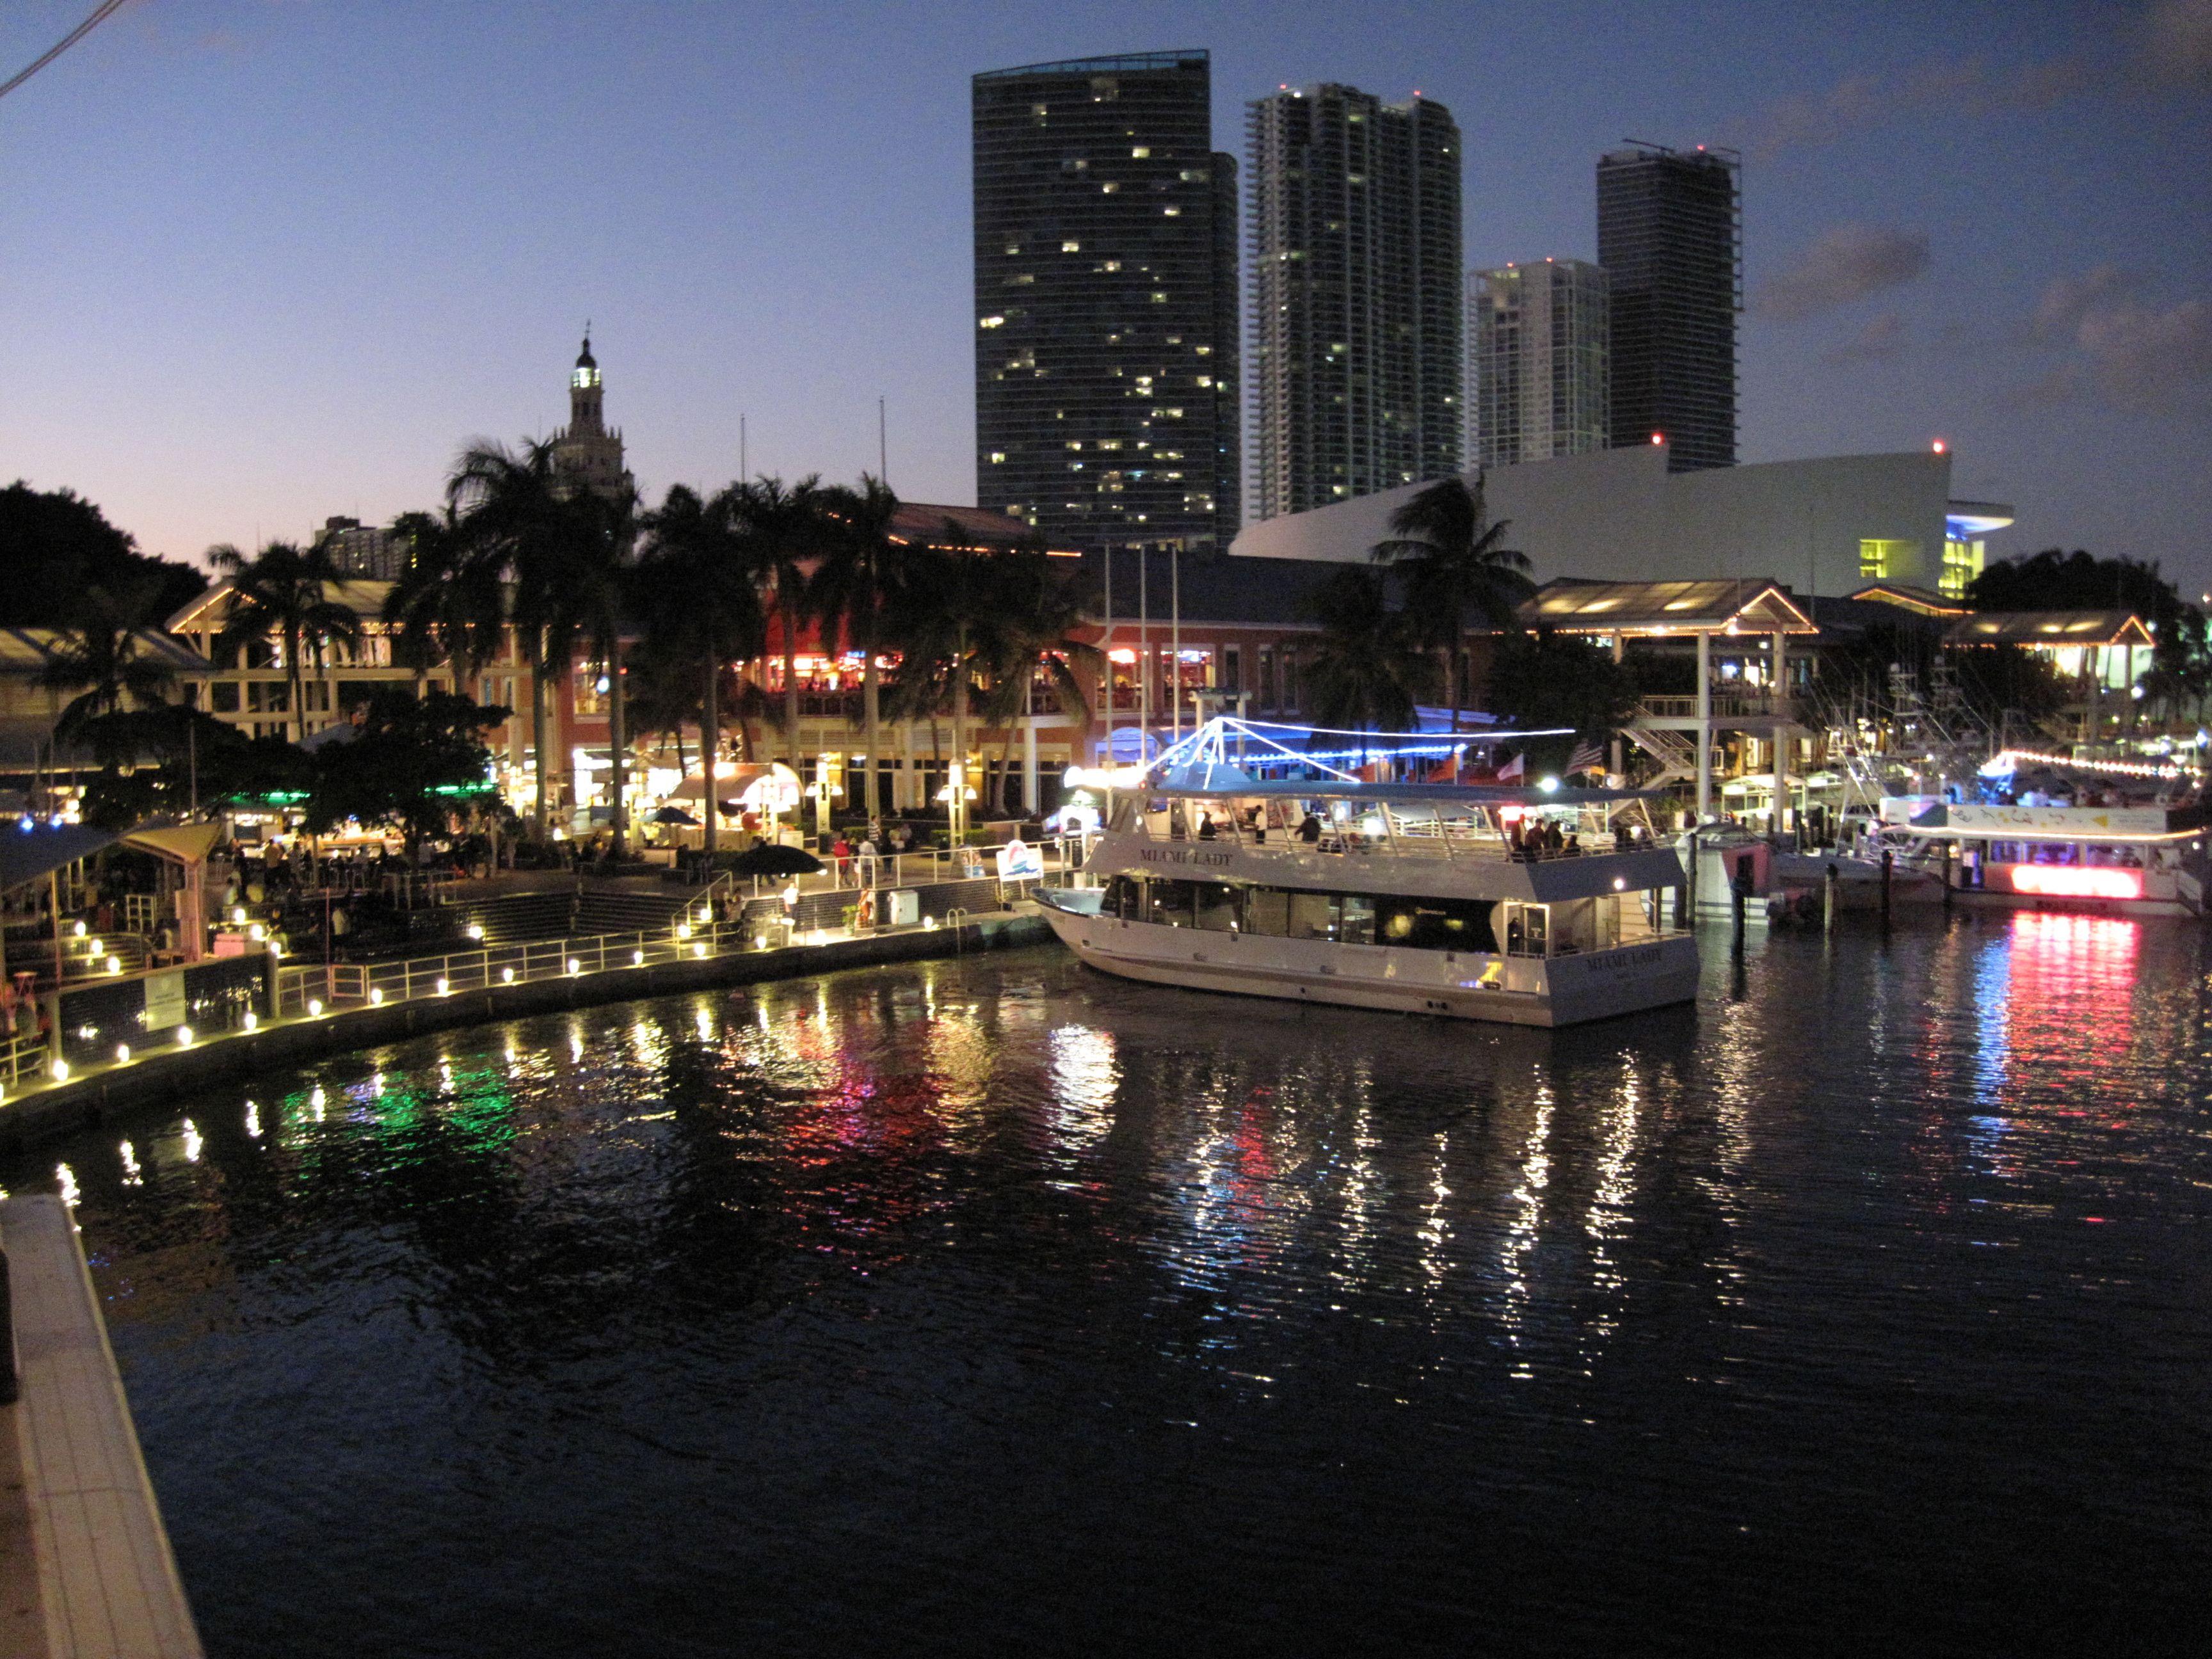 325fa8fc3ae341796086547801507ca2 - City Of Miami Gardens Online Citizen Services